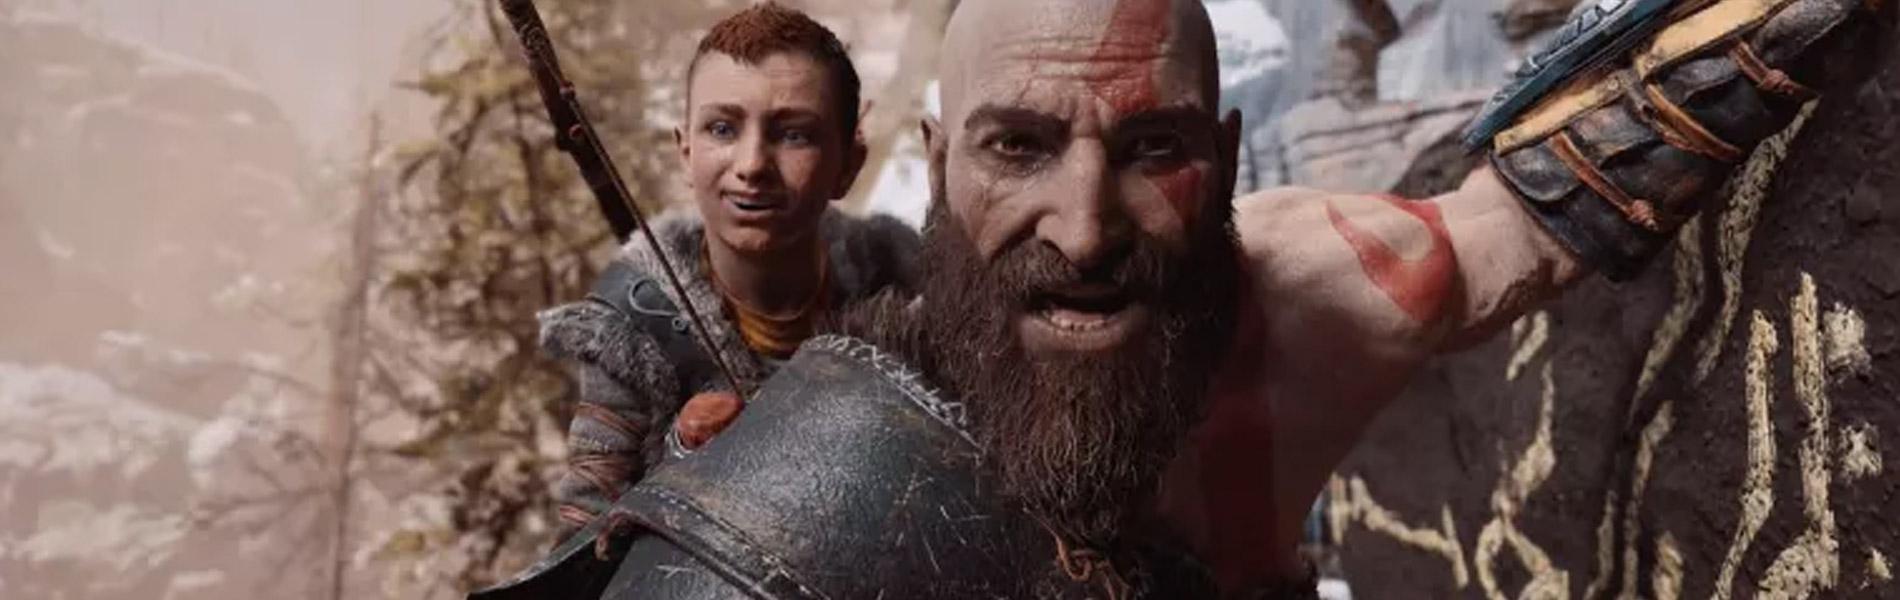 Redefining Fatherhood Through Kratos